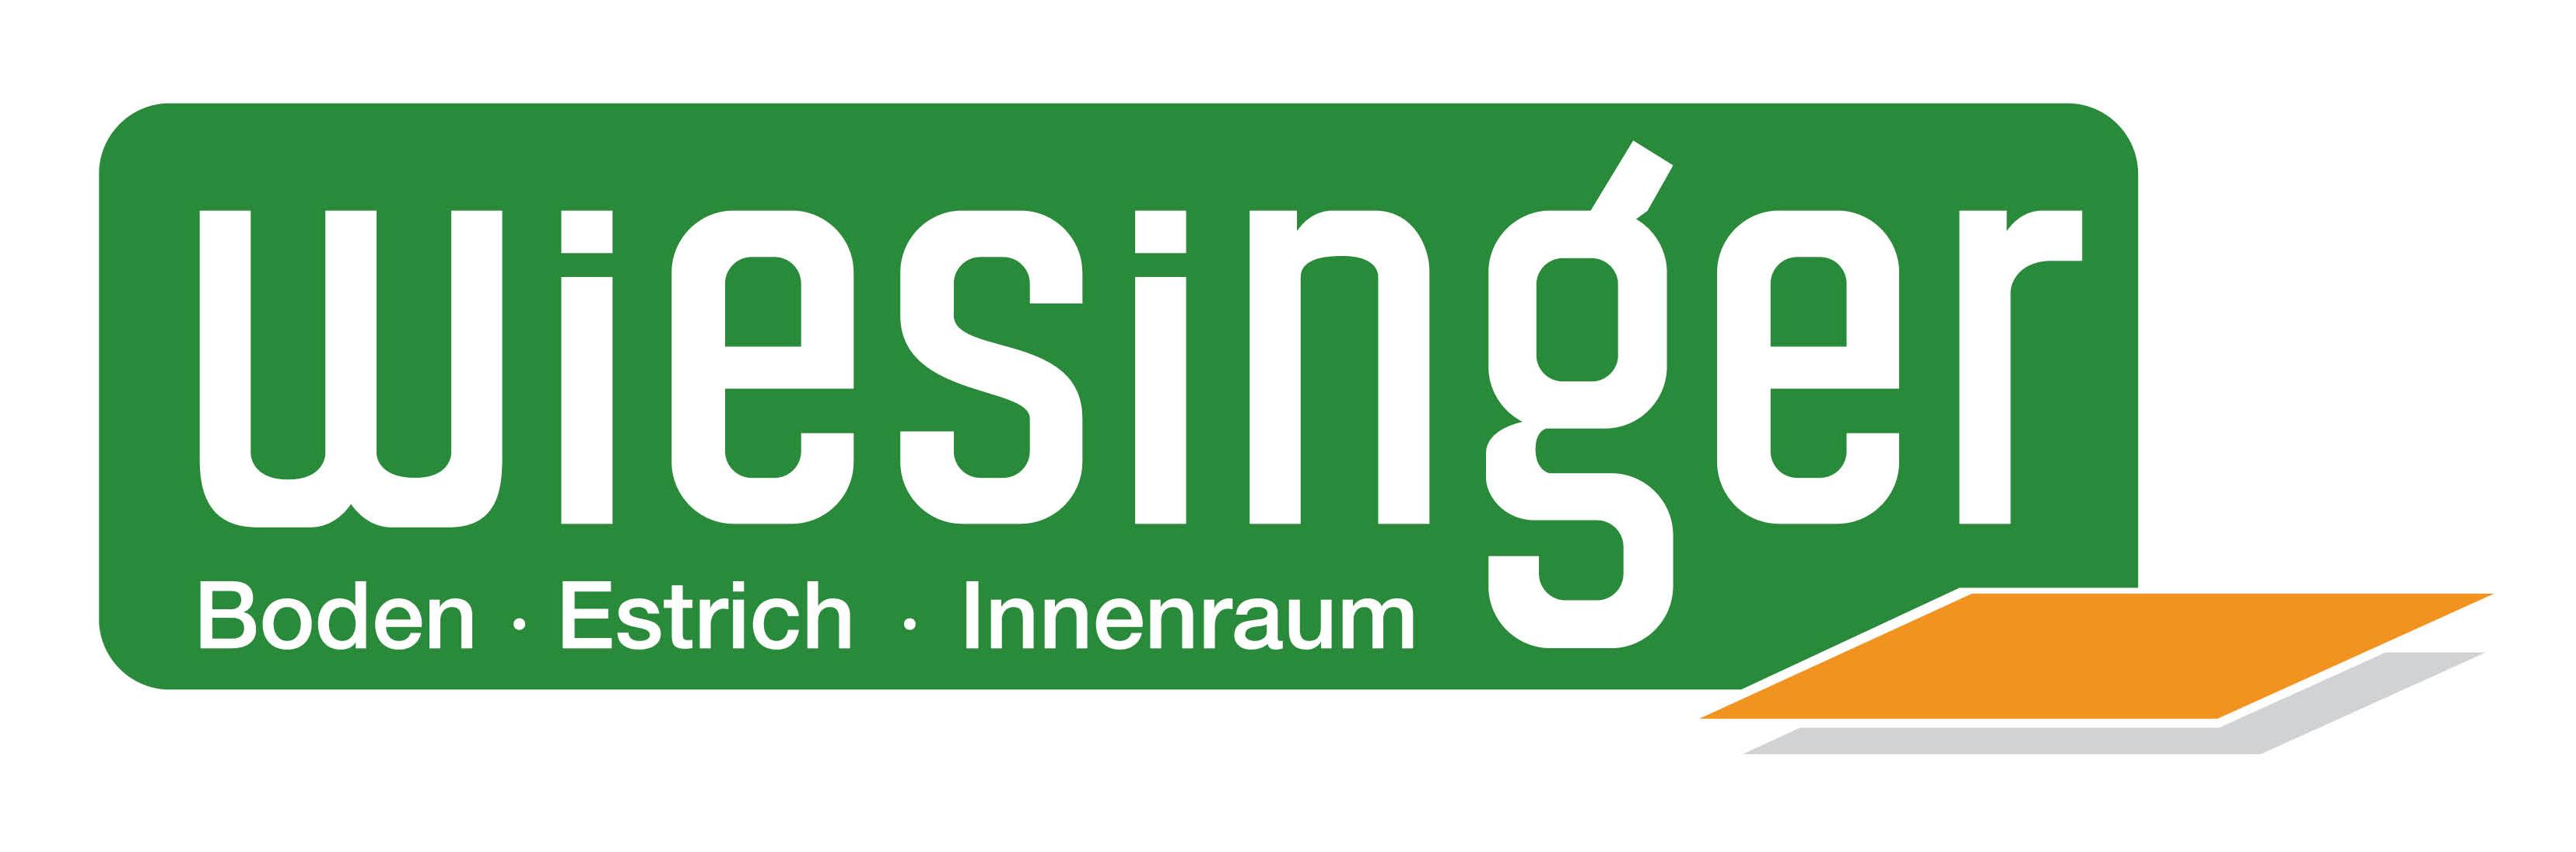 Wiesinger Raumausstattung GmbH